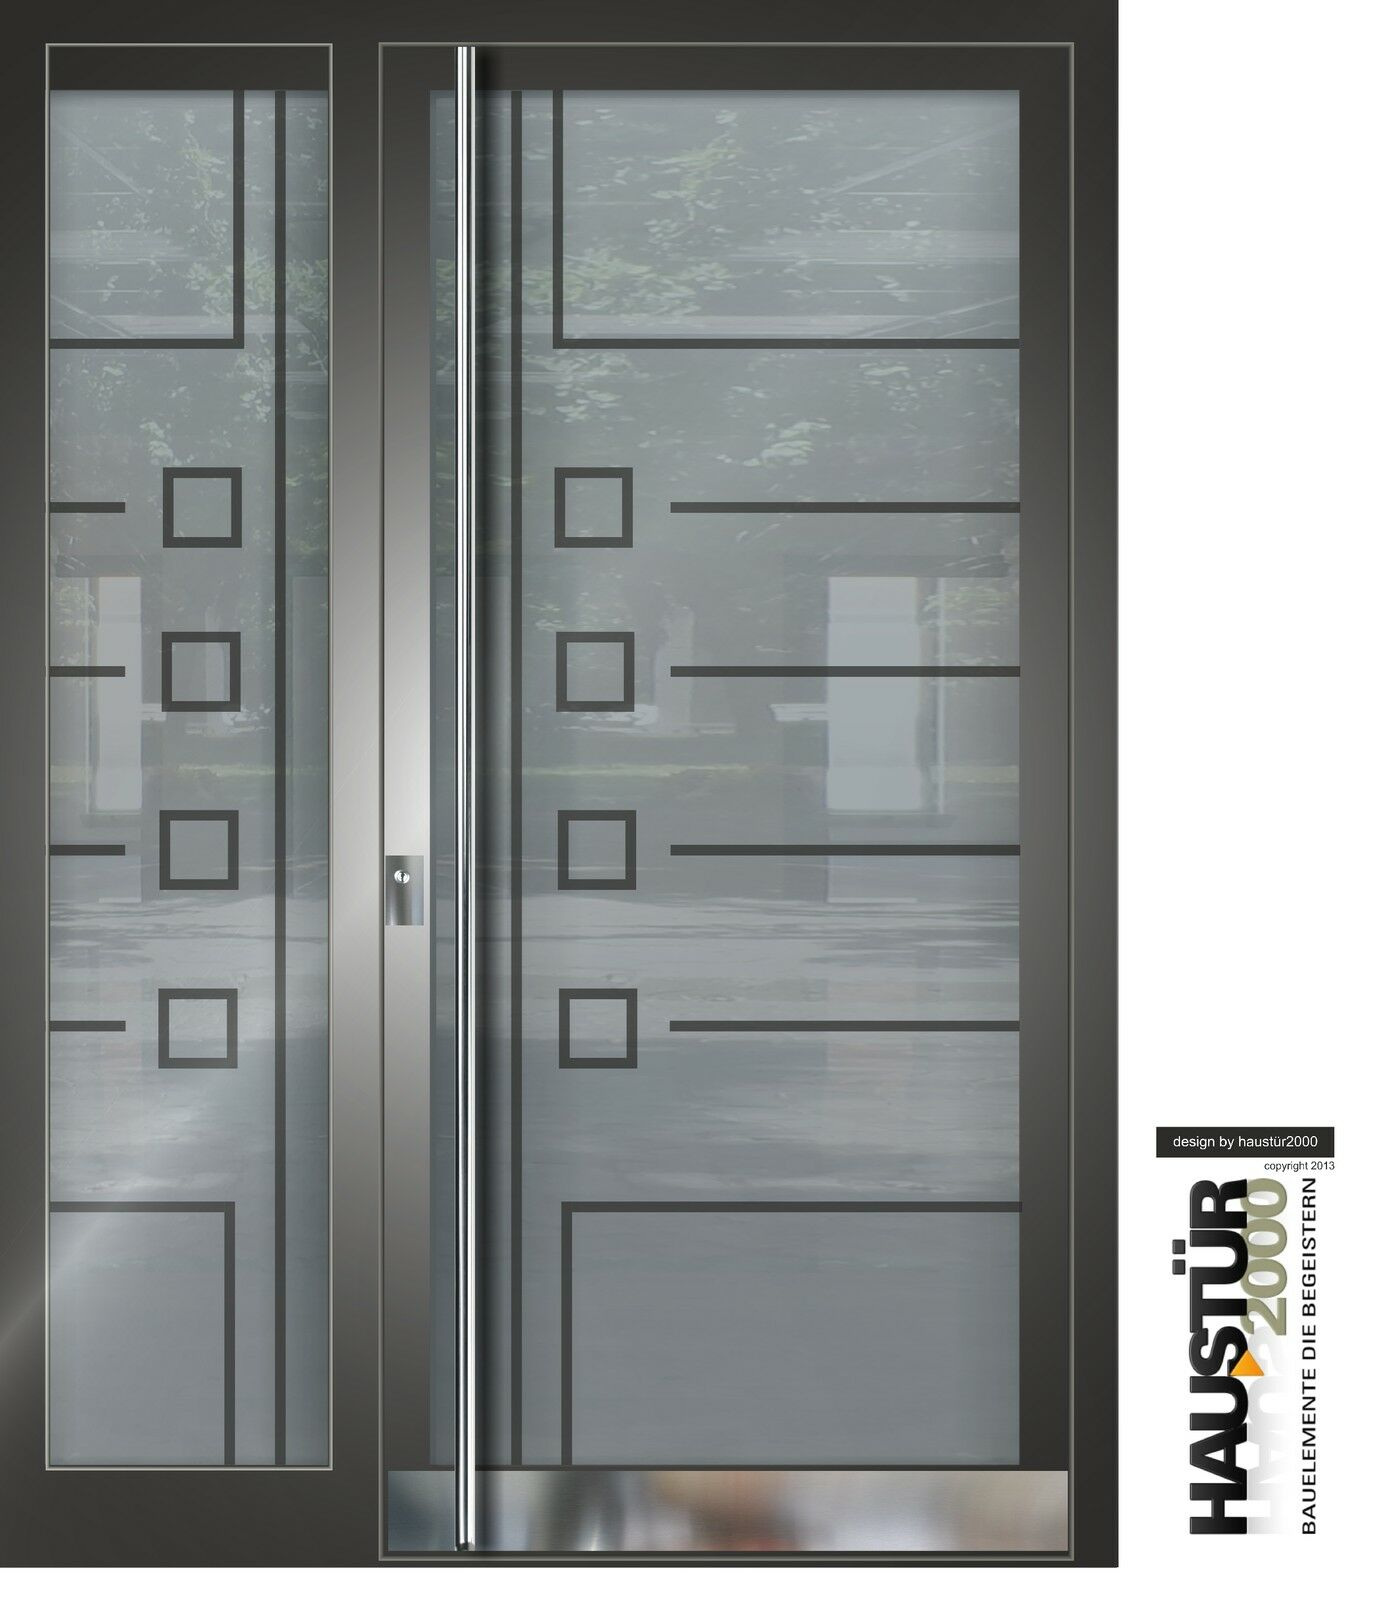 Aluminium Haustür Glas Tür Alu Haustüren nach Maß Mod. HT 5483 SF GLA nach Maß